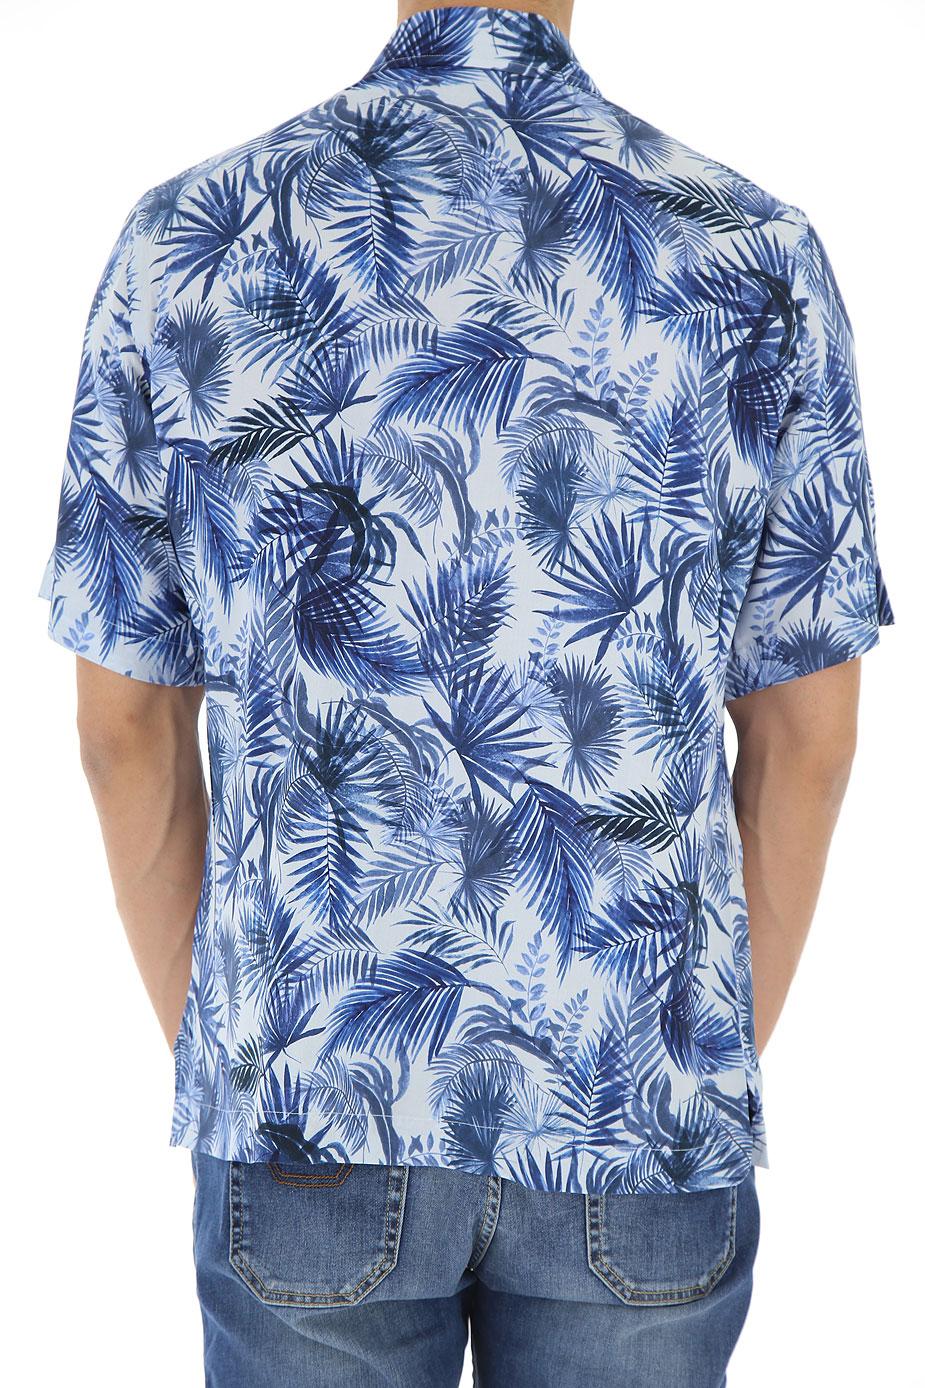 Bagutta Abbigliamento Codice Abbigliamento Articolo 07891 maui 650 Uomo Uomo tpqOwnxvAA